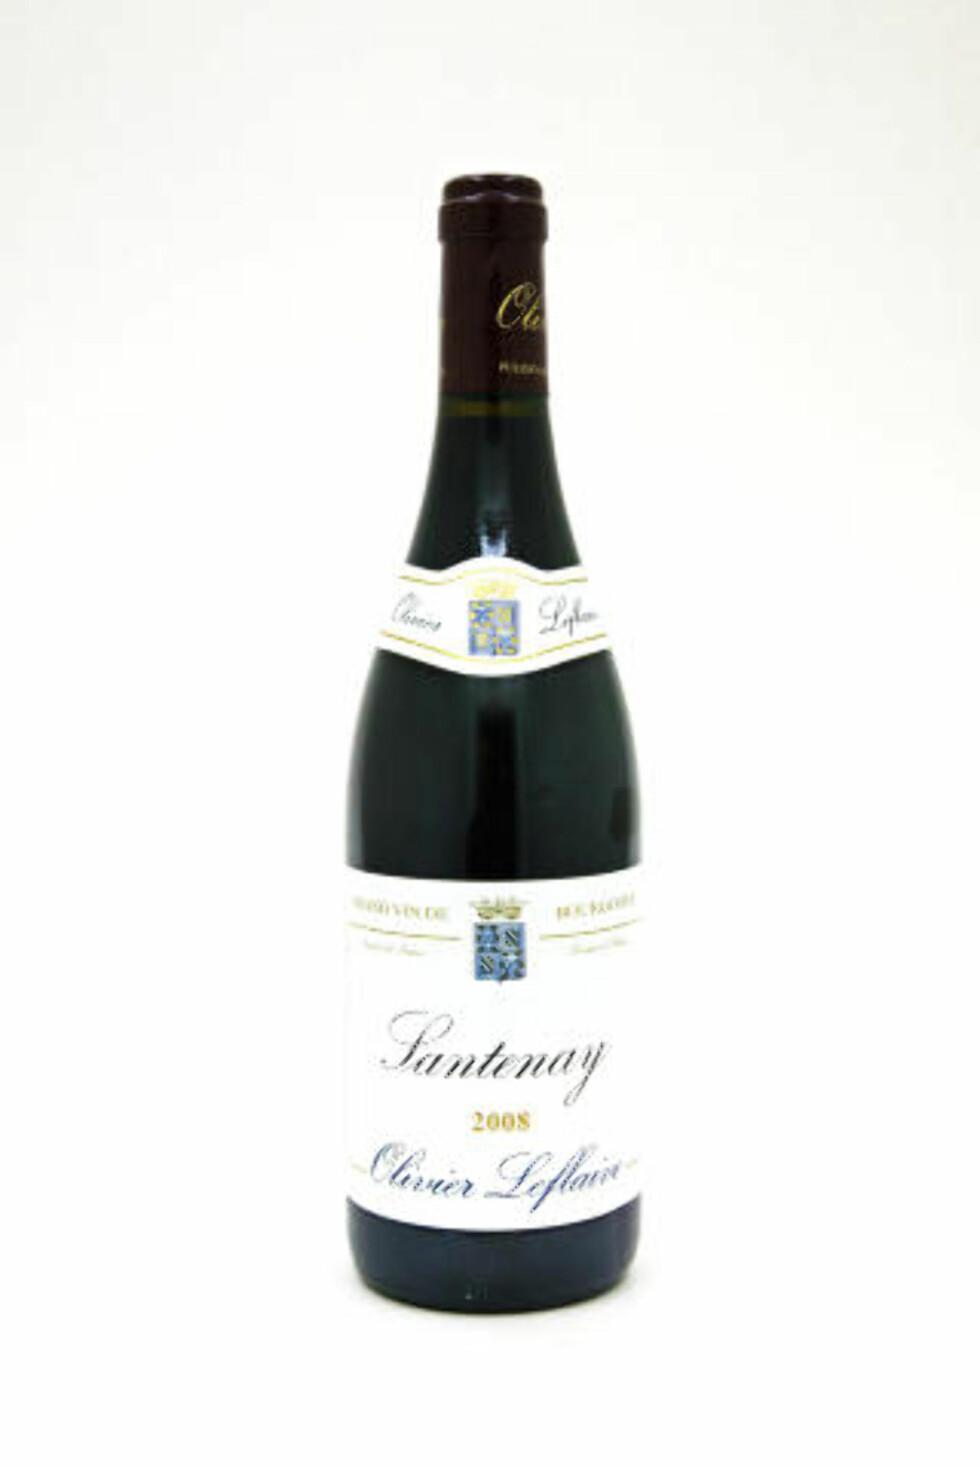 RIK OG TETT: Olivier Leflaive Santenay 2008, rødvin fra Santenay, helt sør i Côte d'Or.